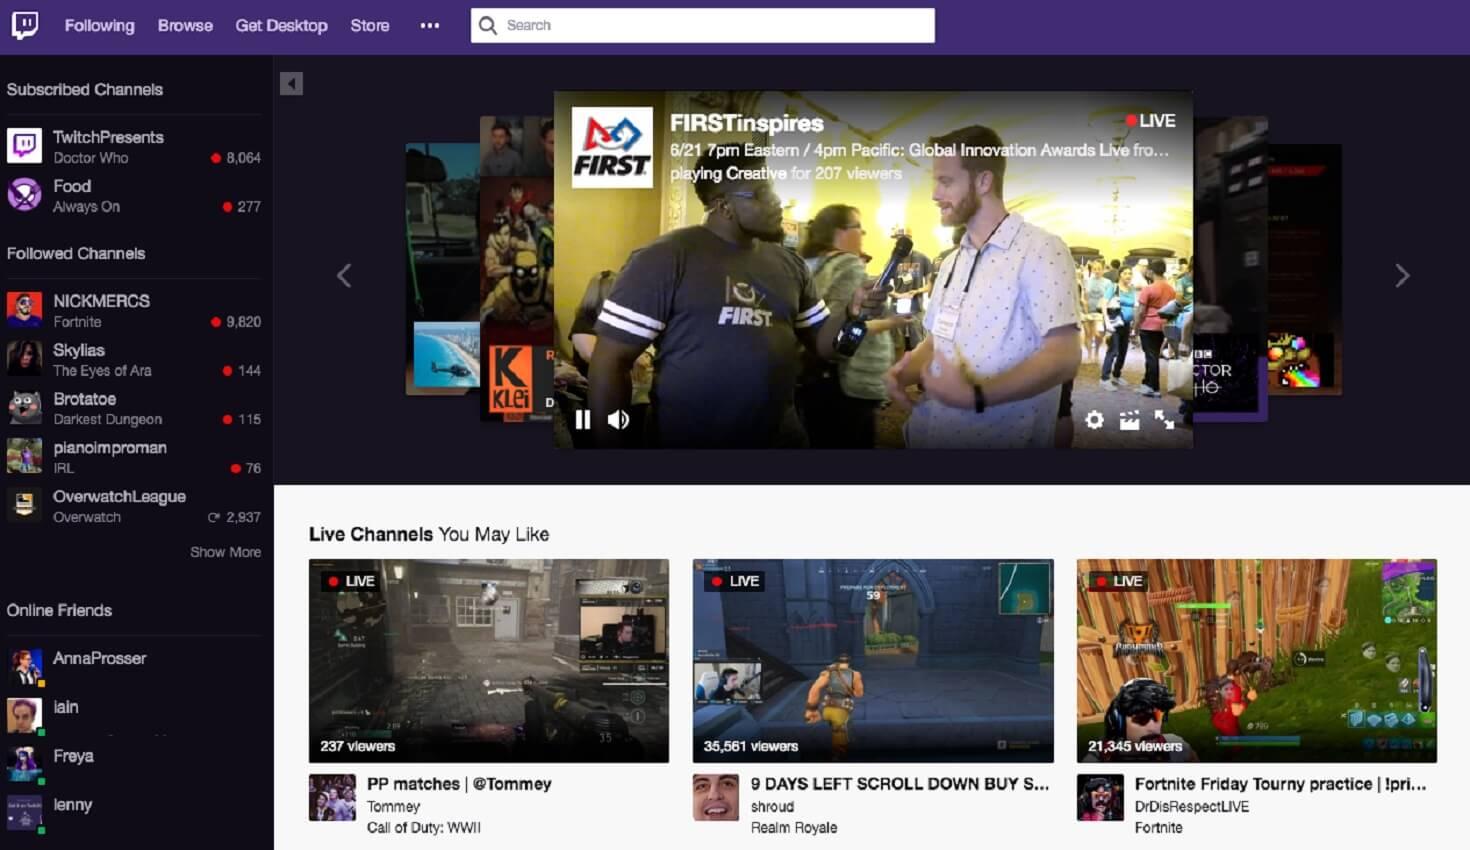 twitch homepage updates